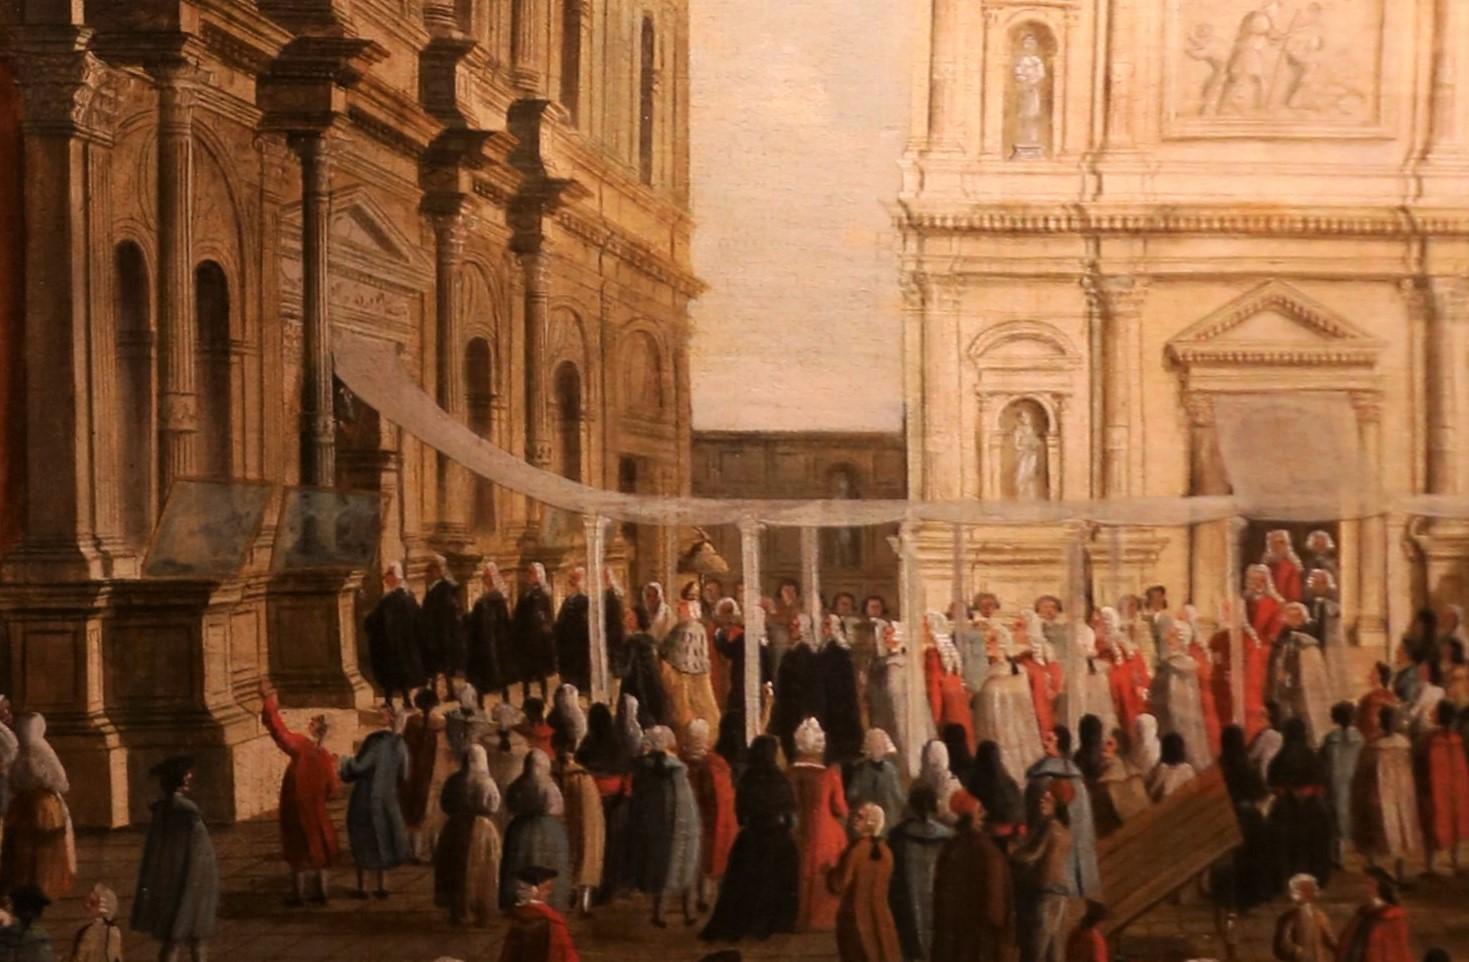 Gabriel Bella, Visita del Doge alla chiesa di San Rocco (dettaglio) - 1779-92, Fondazione Querini-Stampalia